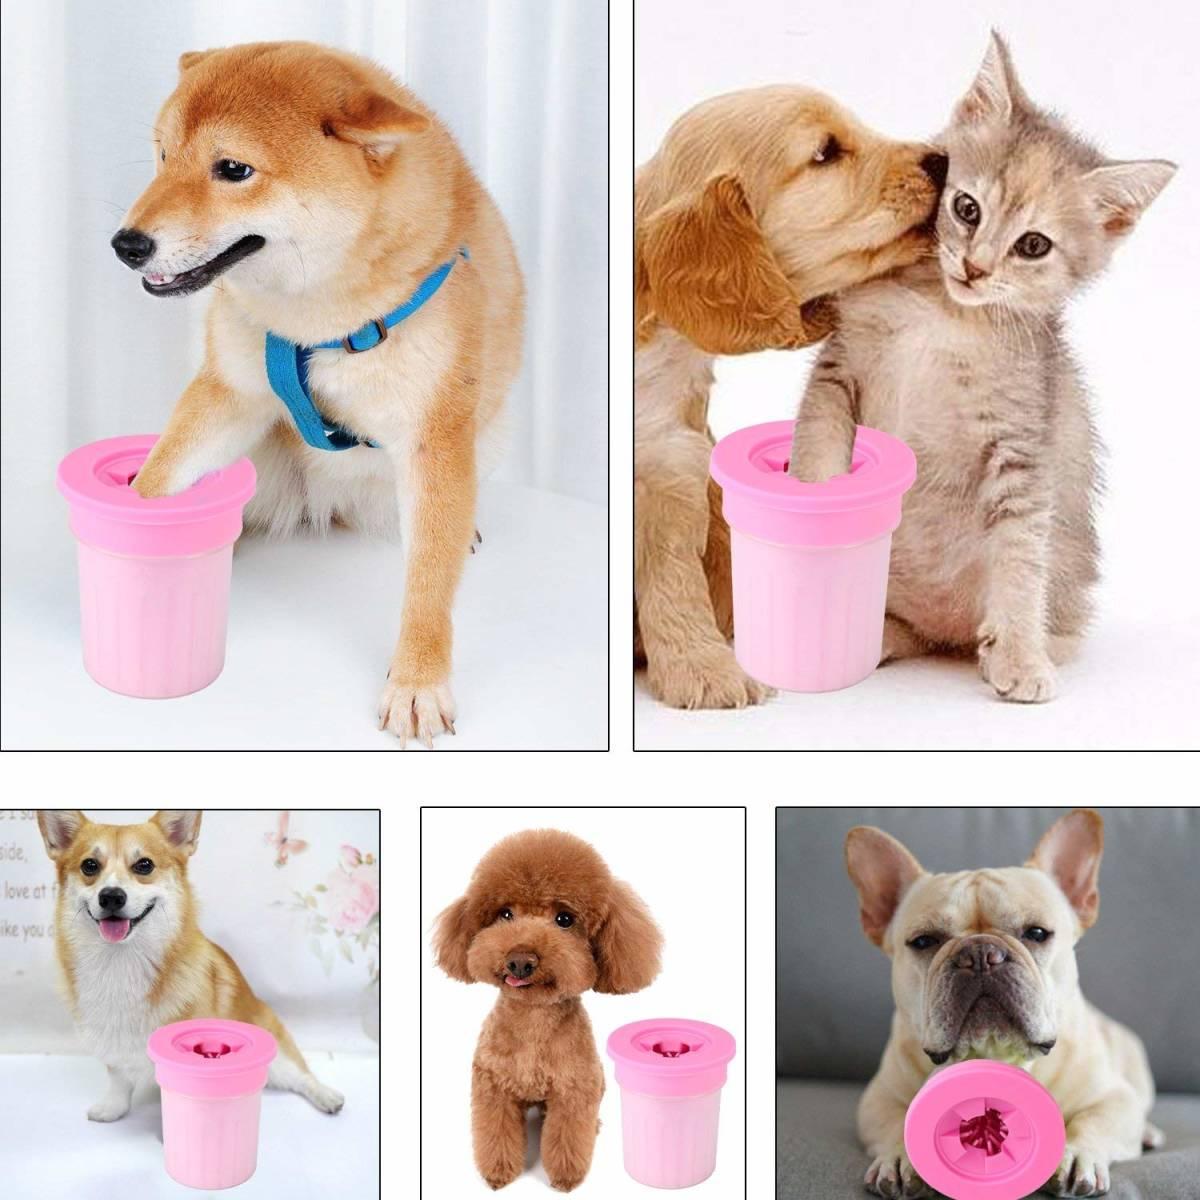 室内犬いぬ犬イヌ足洗いブラシカップ猫ペットドアuserに足用クリーナー清浄力3倍愛犬のお散歩帰り足洗いS-M小型/中型犬用 足の裏シャンプー_画像7